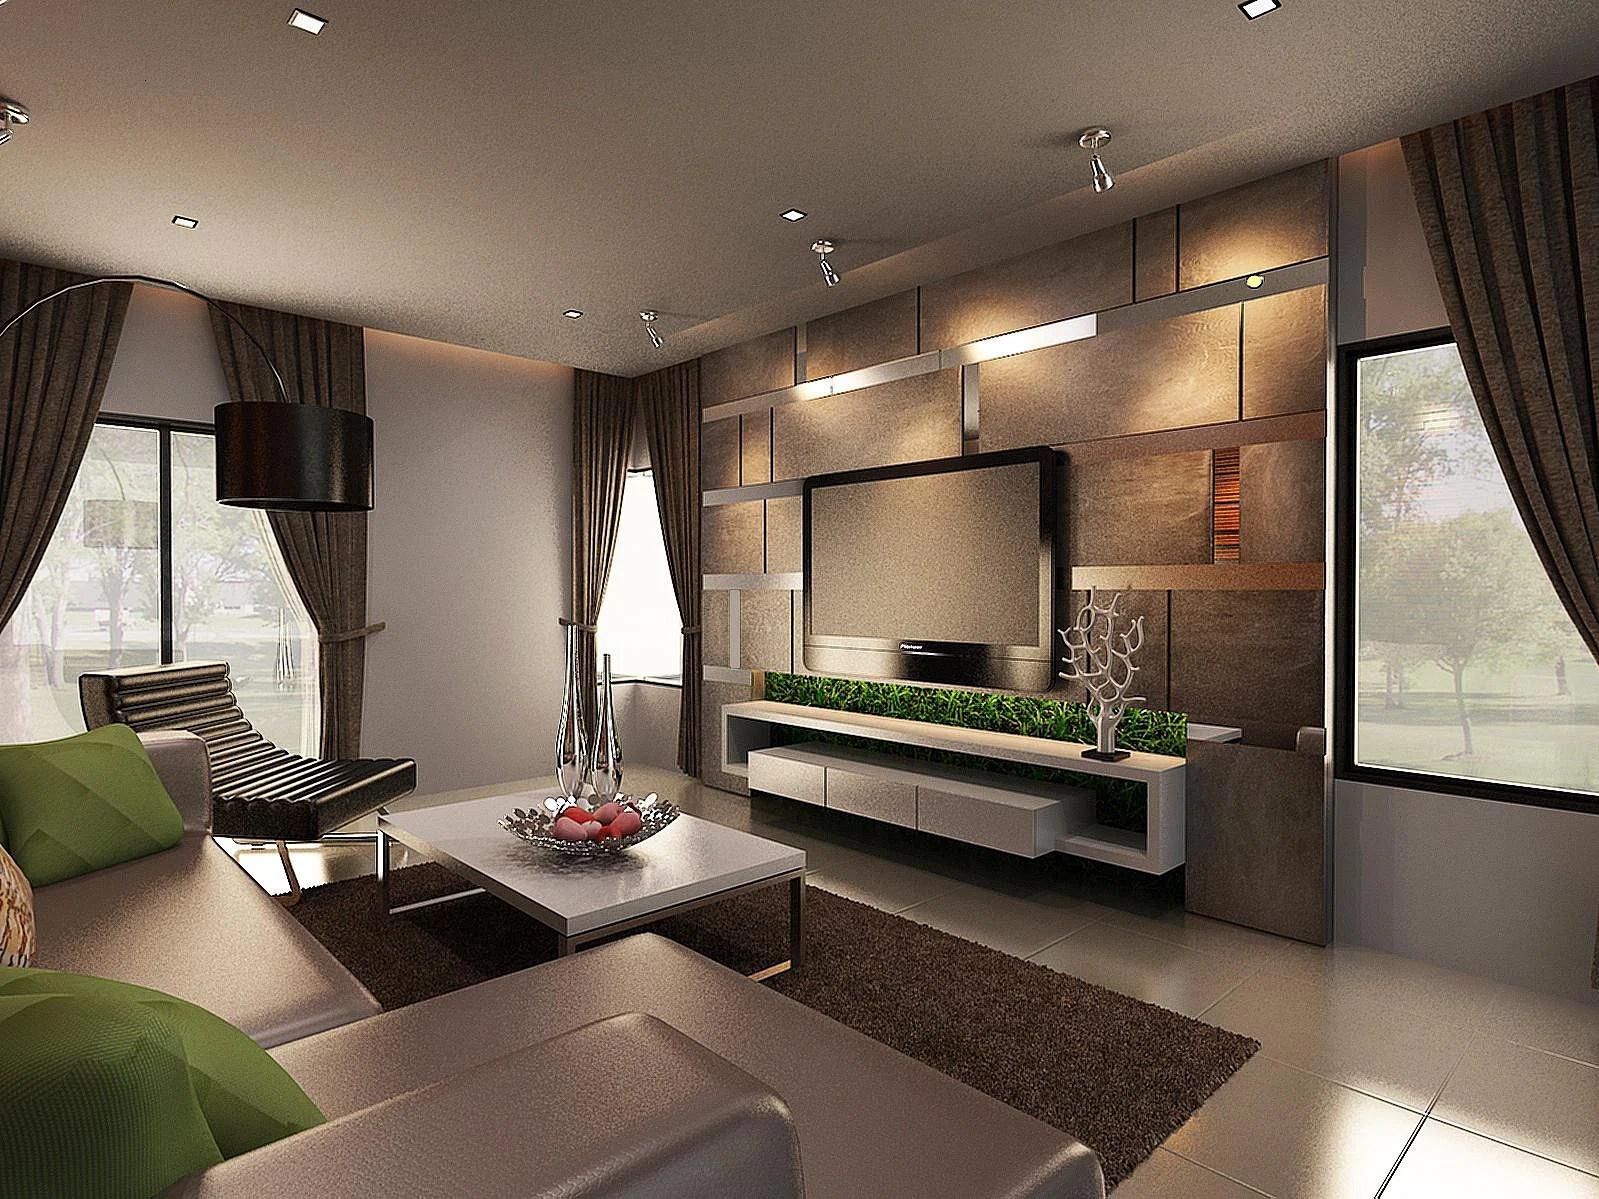 BTO | Home & Decor Singapore